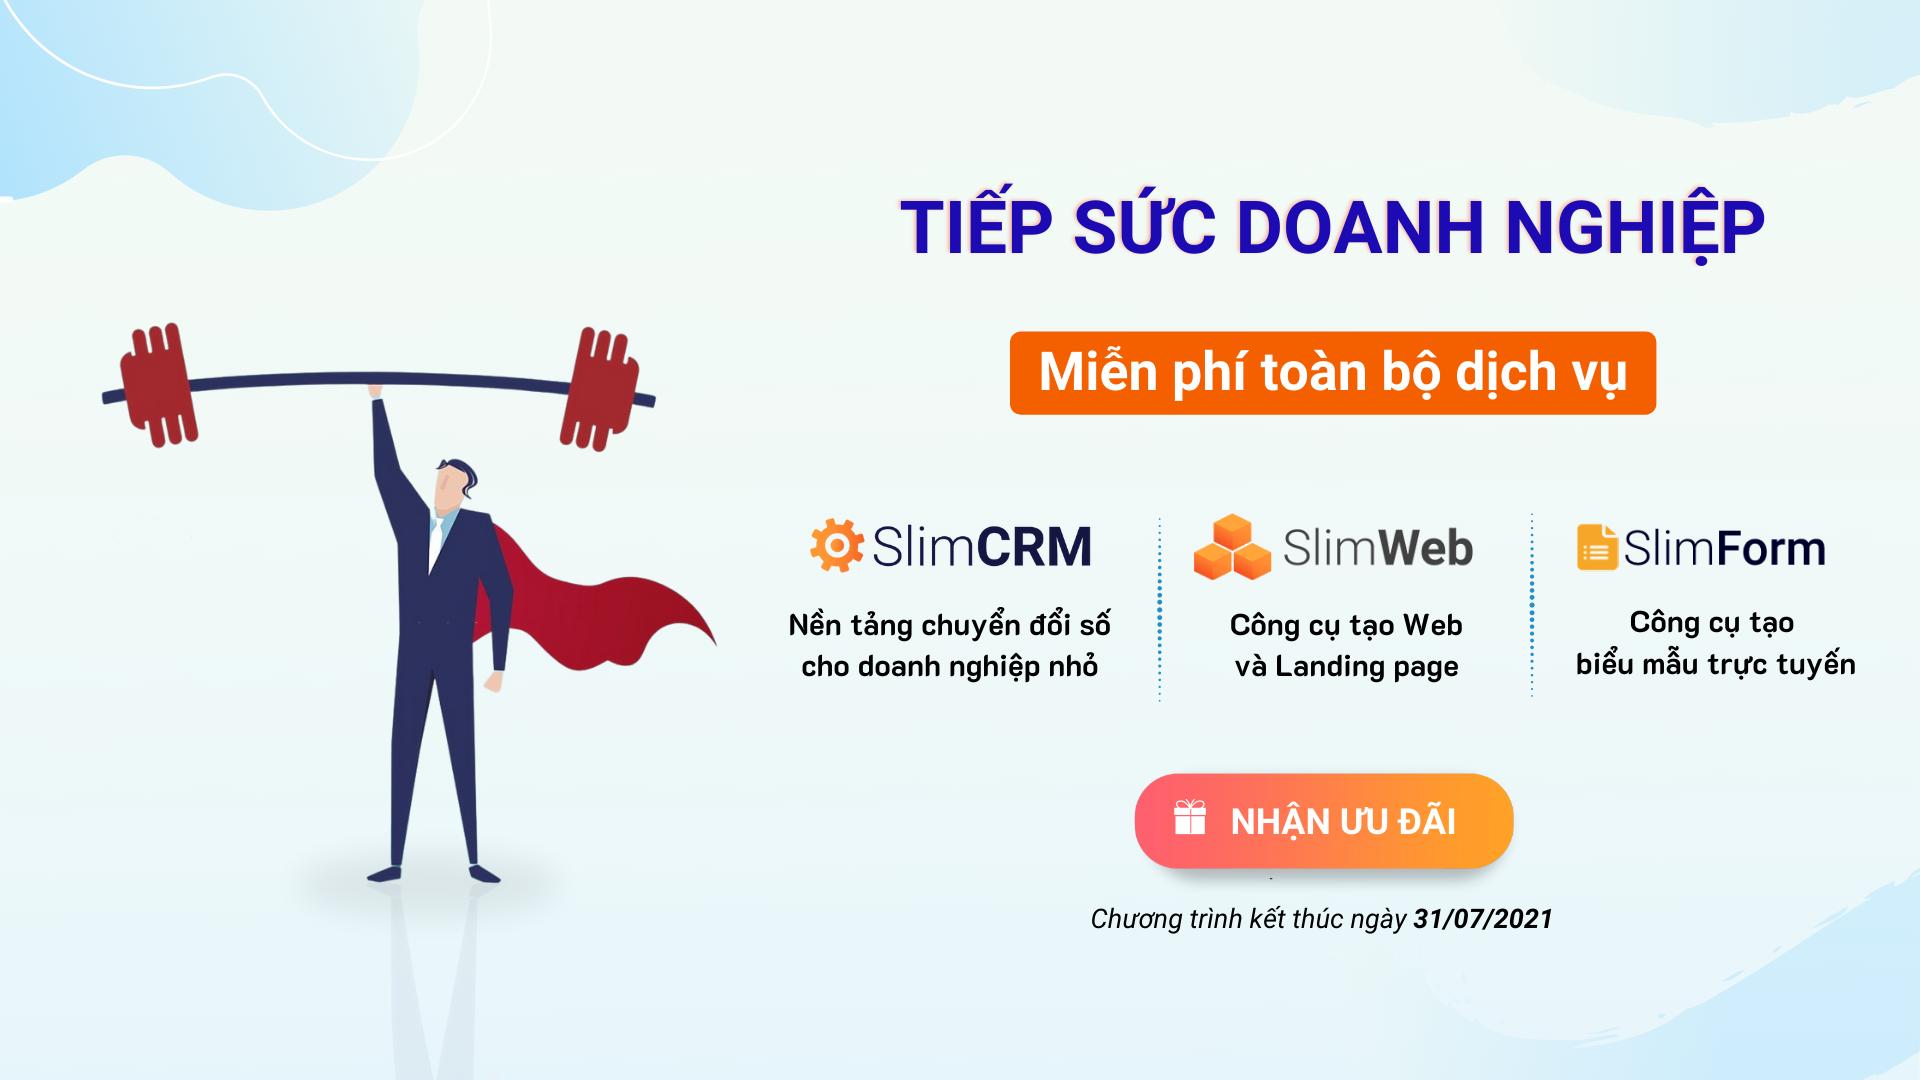 SlimCRM tiếp sức doanh nghiệp